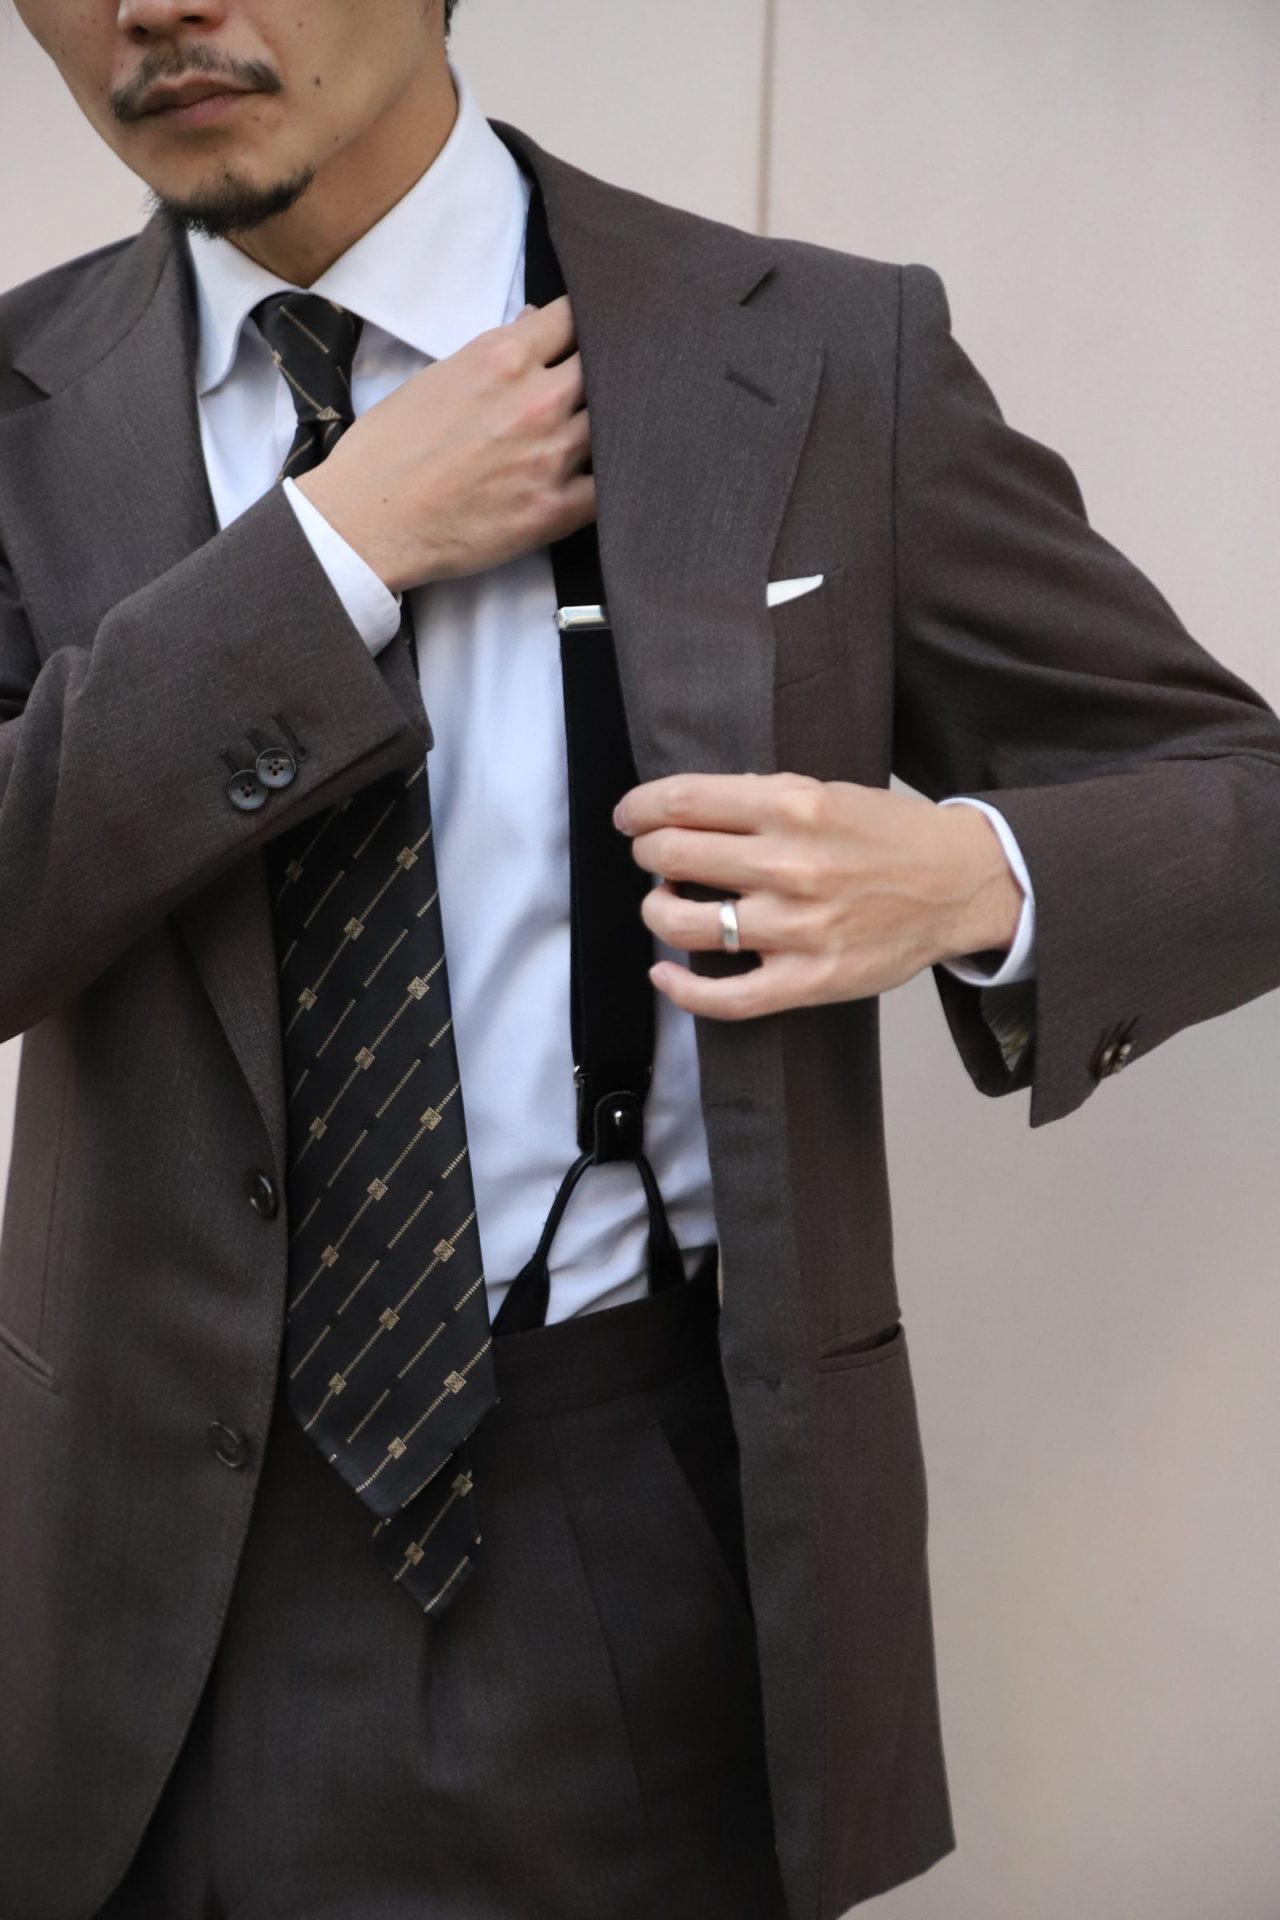 アット ヴァンヌッチ(Atto Vannucci)のブラックのセッテピエゲのネクタイをザ・ジーズ・ハイドアウト(THE G'S HIDEOUT.)のブラウンオーダースーツに合わせたスタイルは都会的で洗練された印象になります。